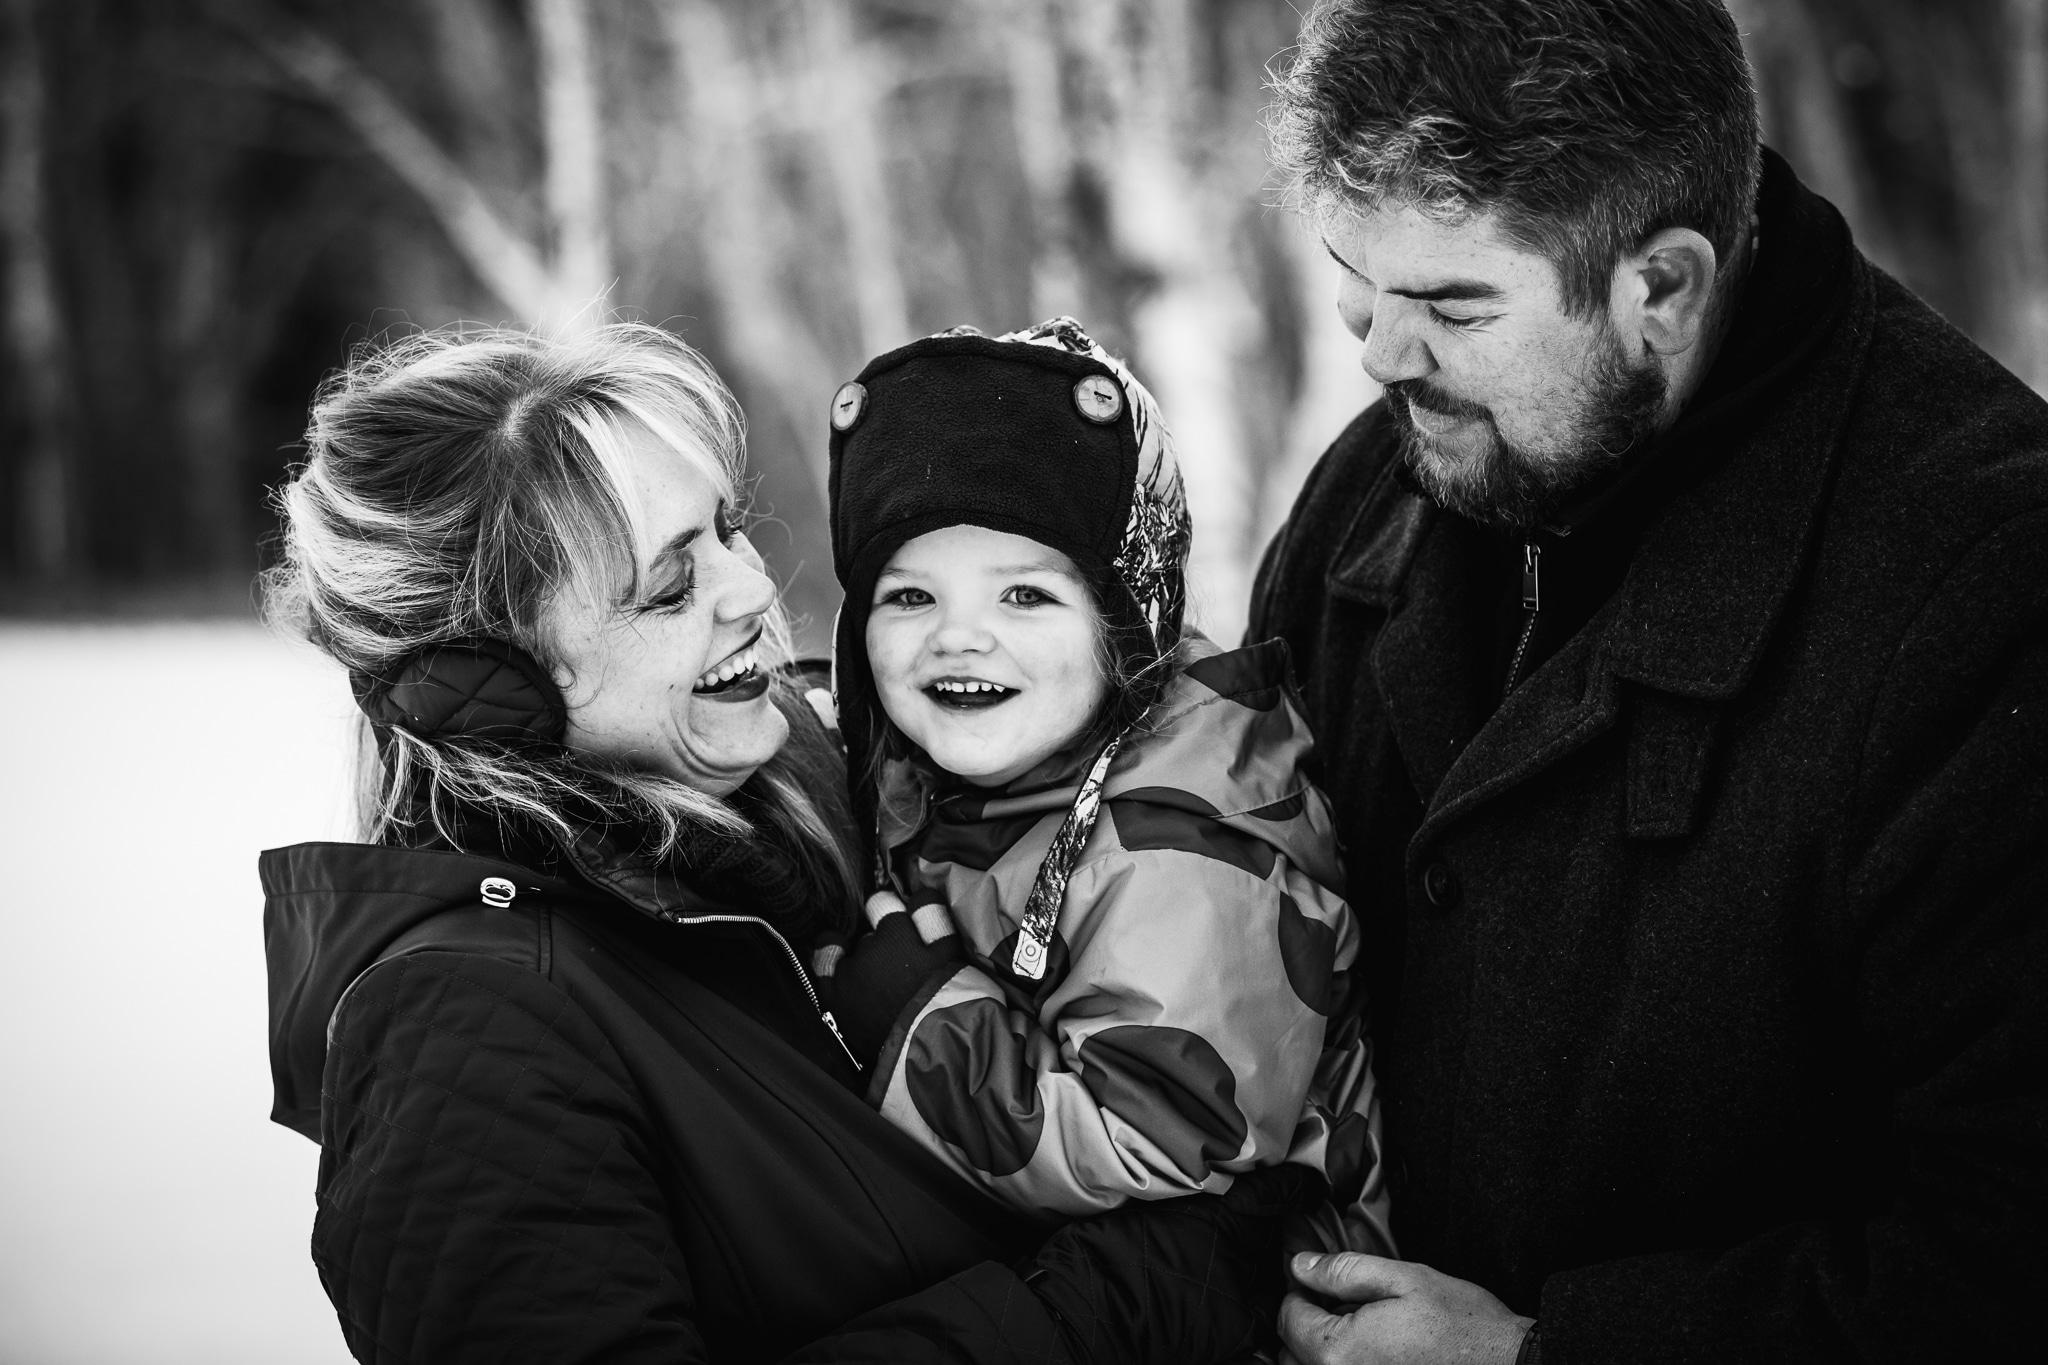 Alina-Joy-Photography-Cold-Lake-Lifestyle-Photographer-99.jpg